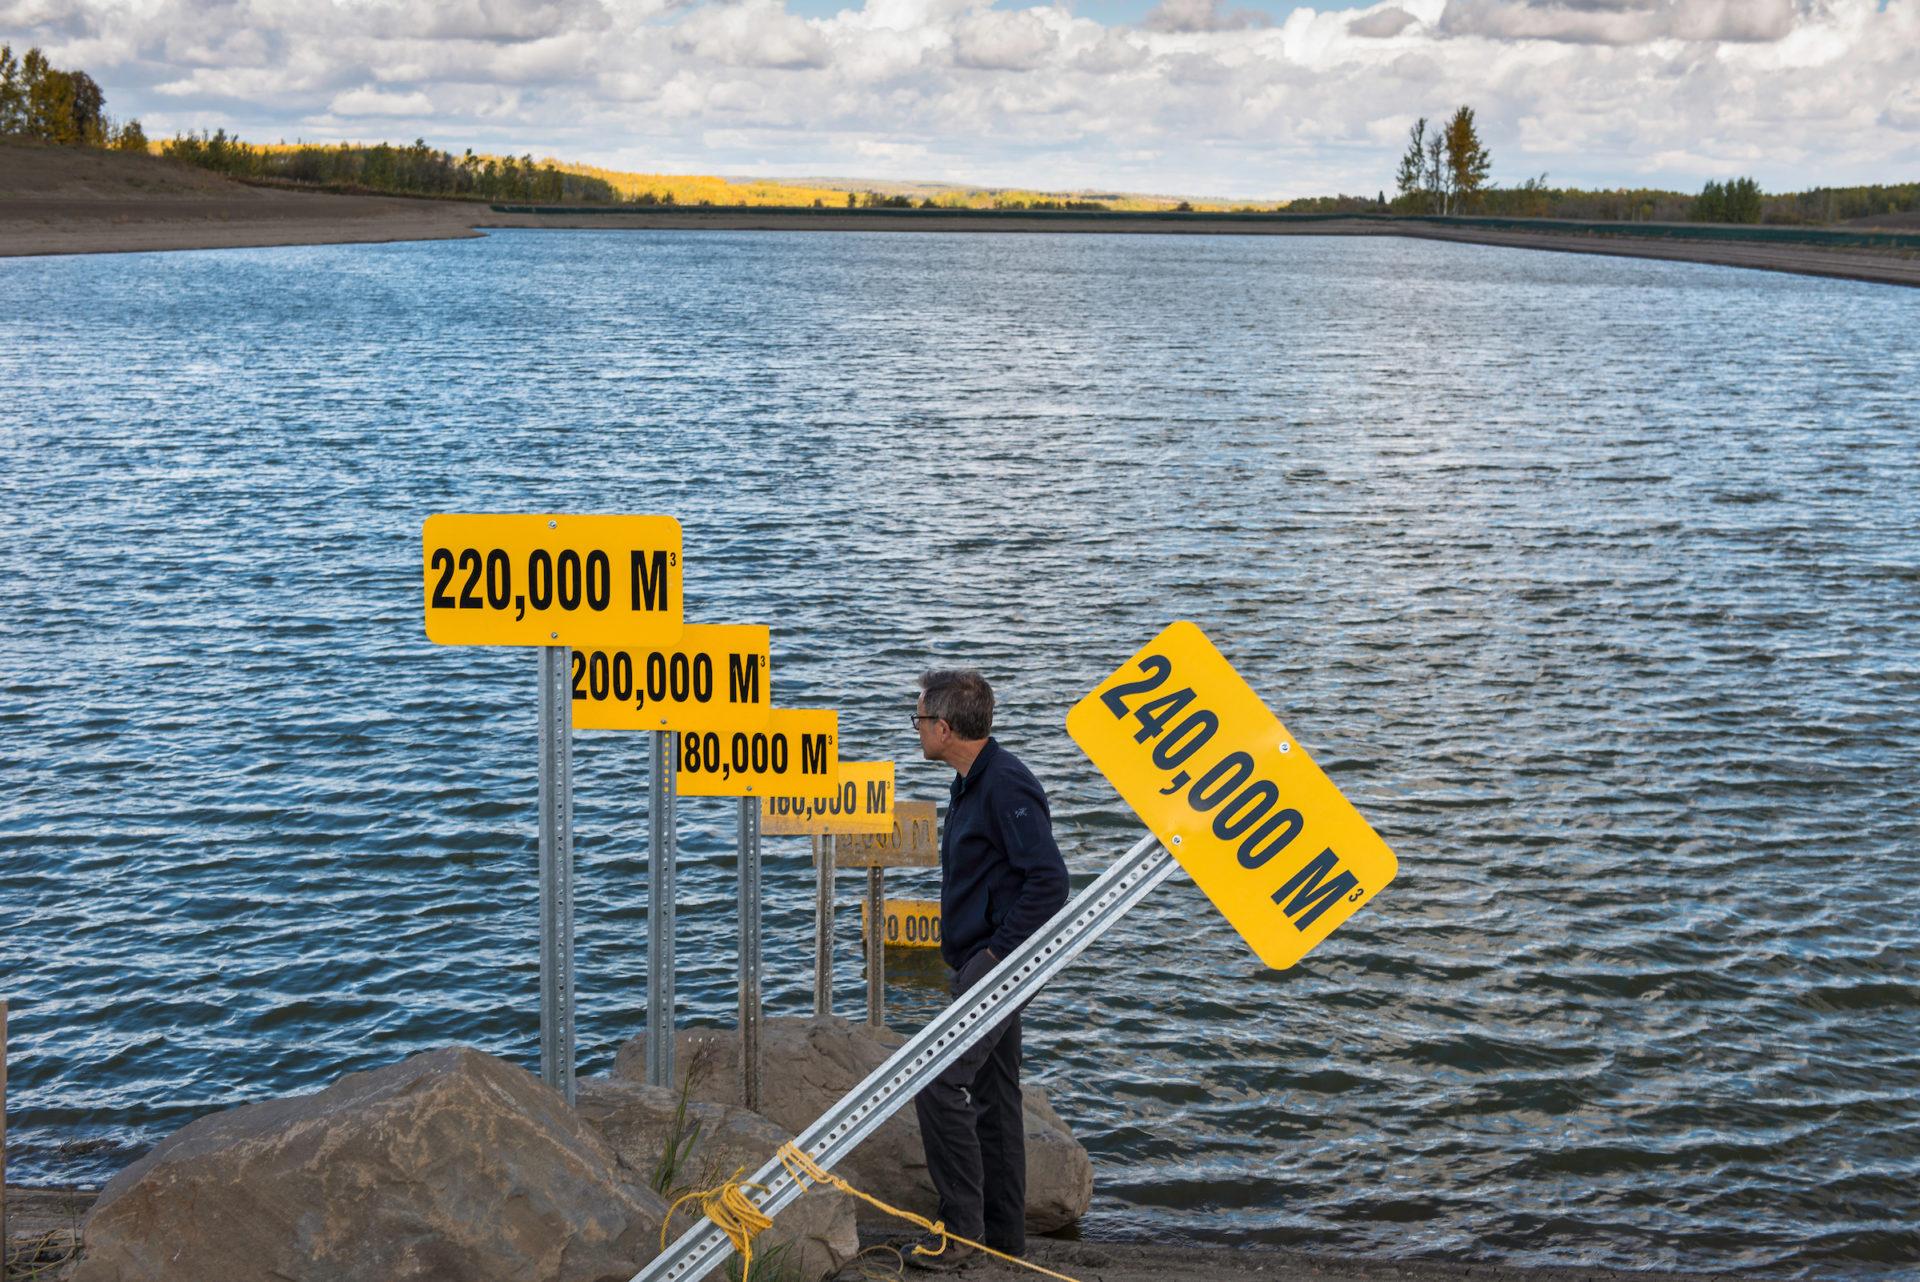 Encana dam and reservoir